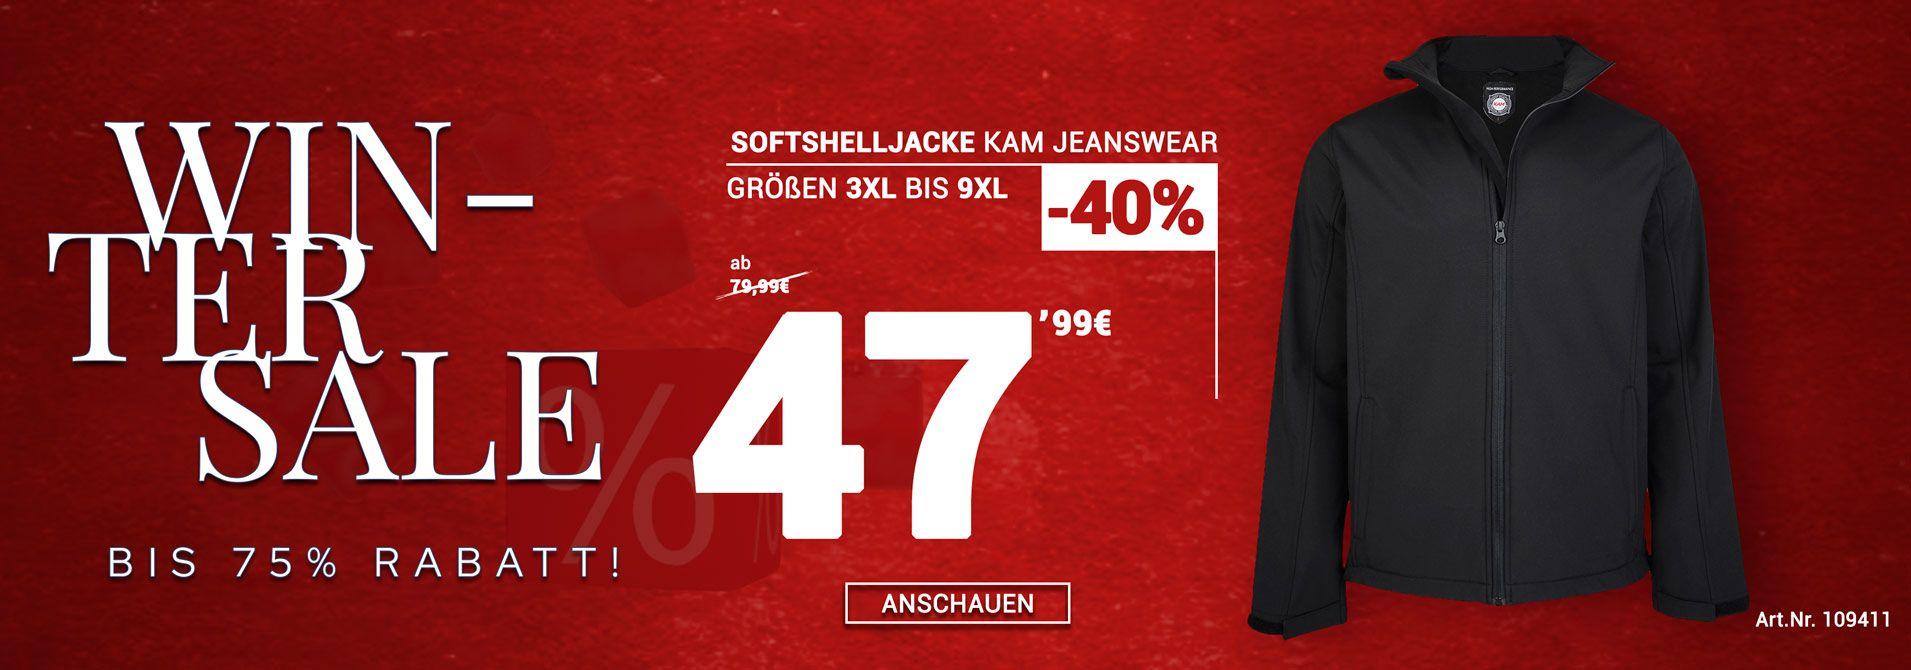 Übergrößen Softshelljacke von KAM Jeanswear